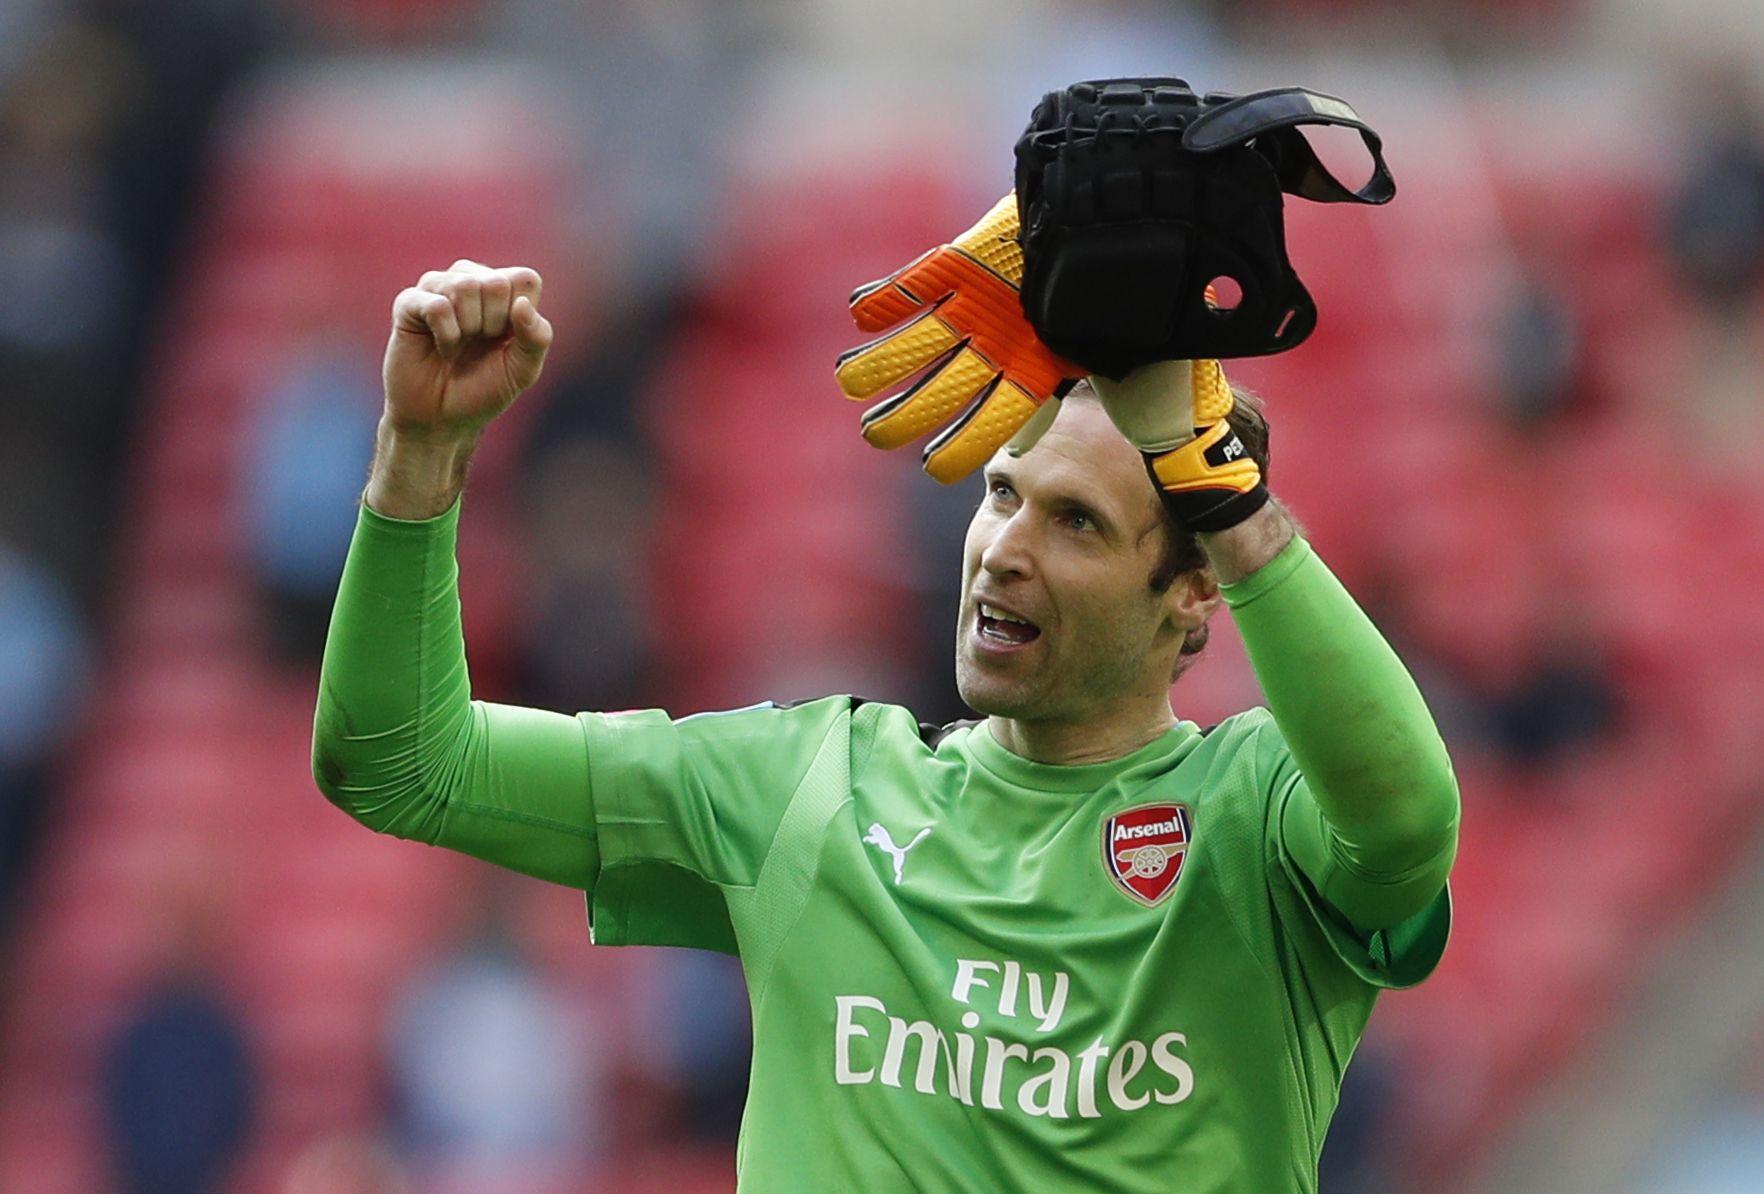 Arsenal goalkeeper Petr Cech.